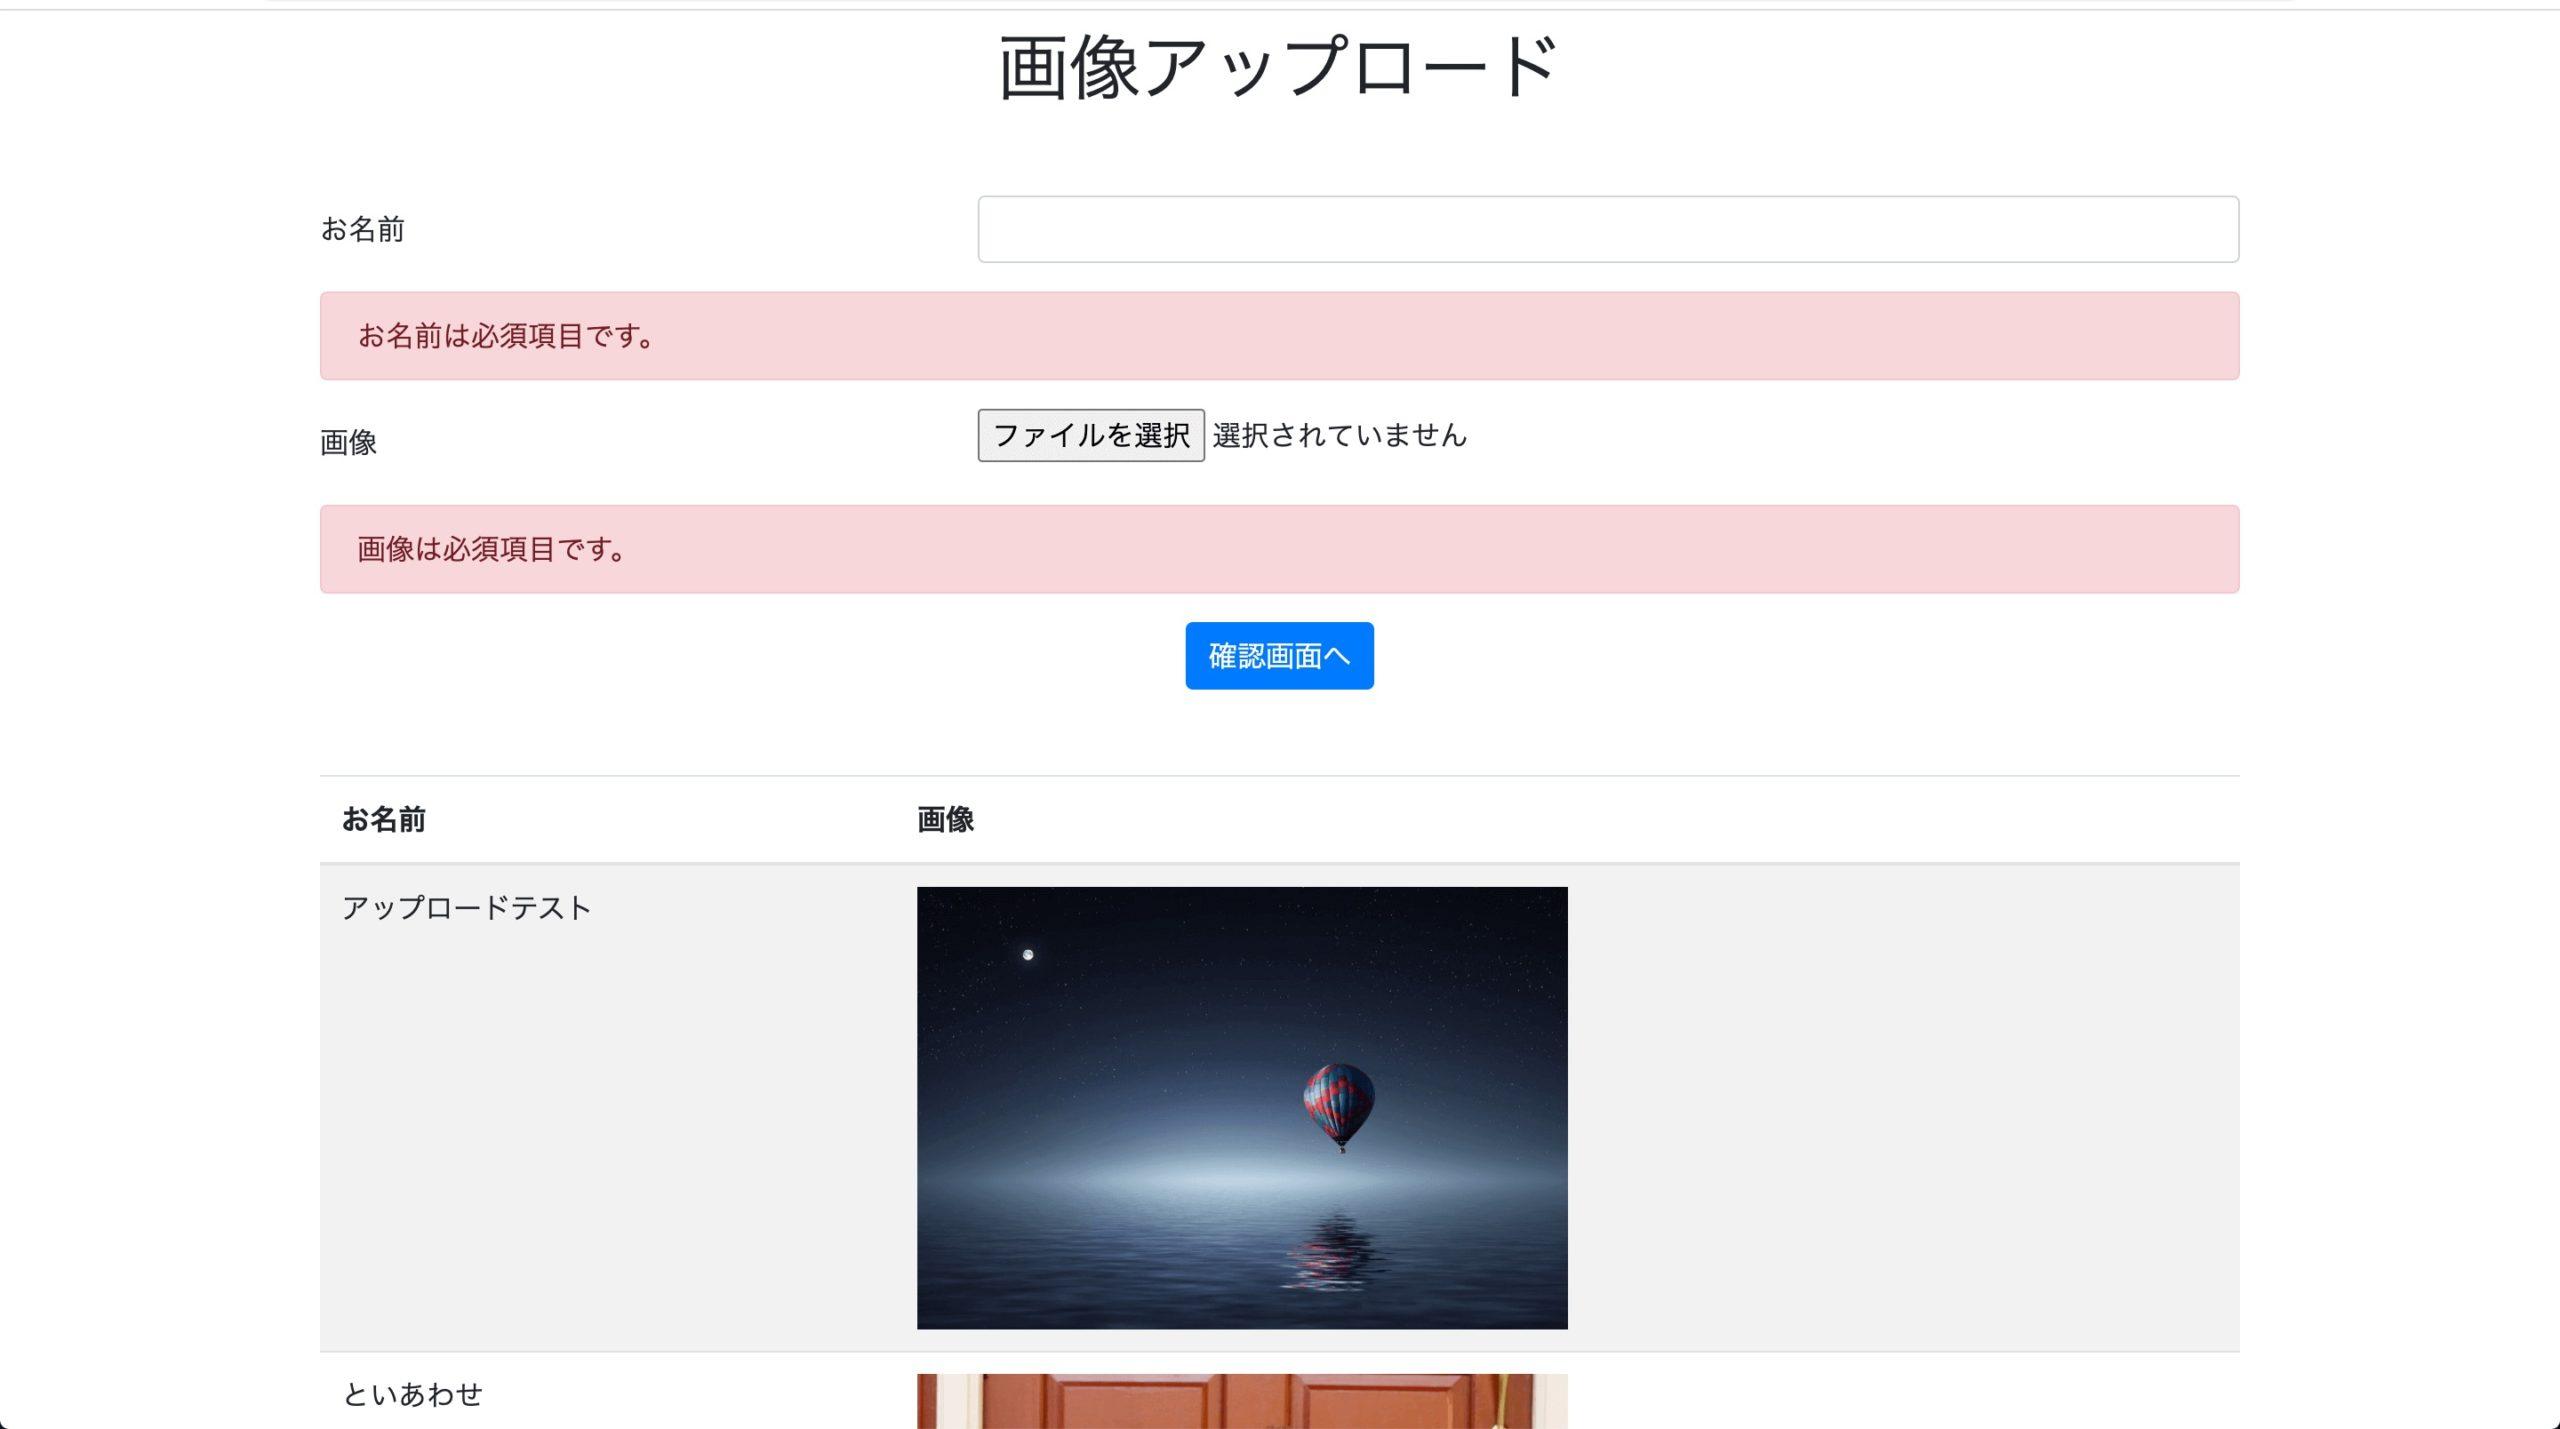 画像ファイルのアップロード方法(バリデーション)